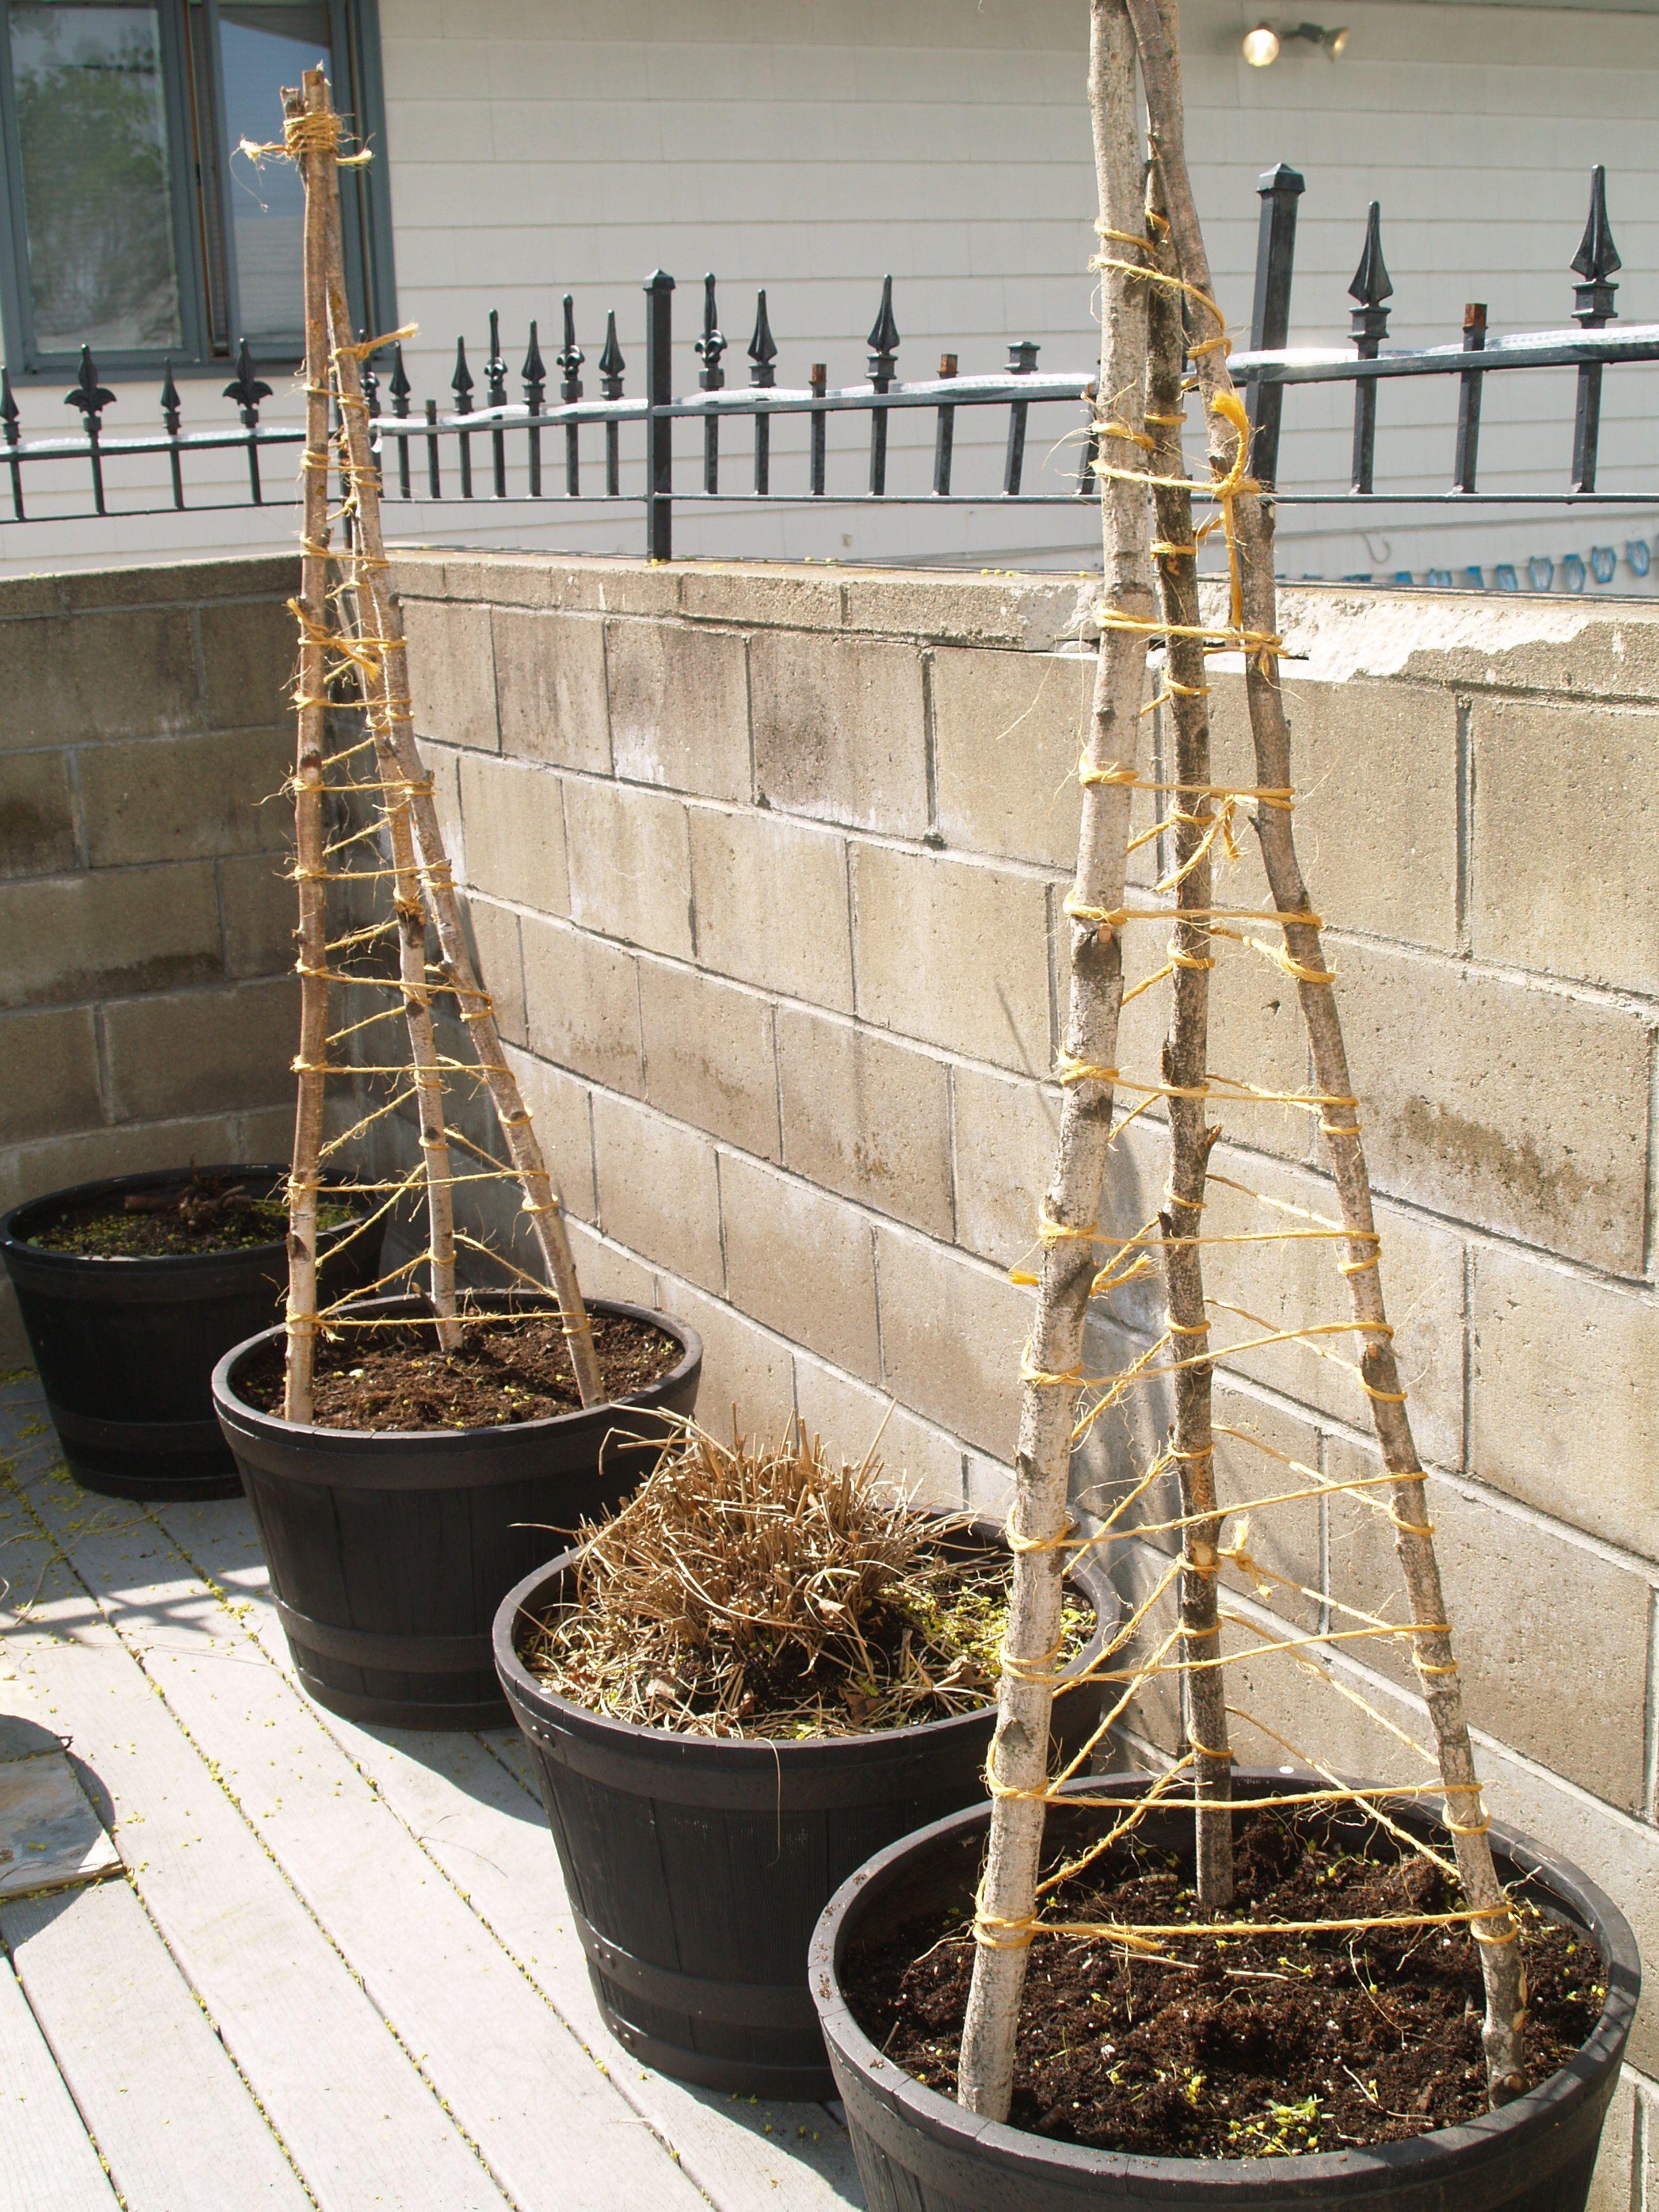 building a cucumber trellis | Gärten, Gardening und Bauen mit holz